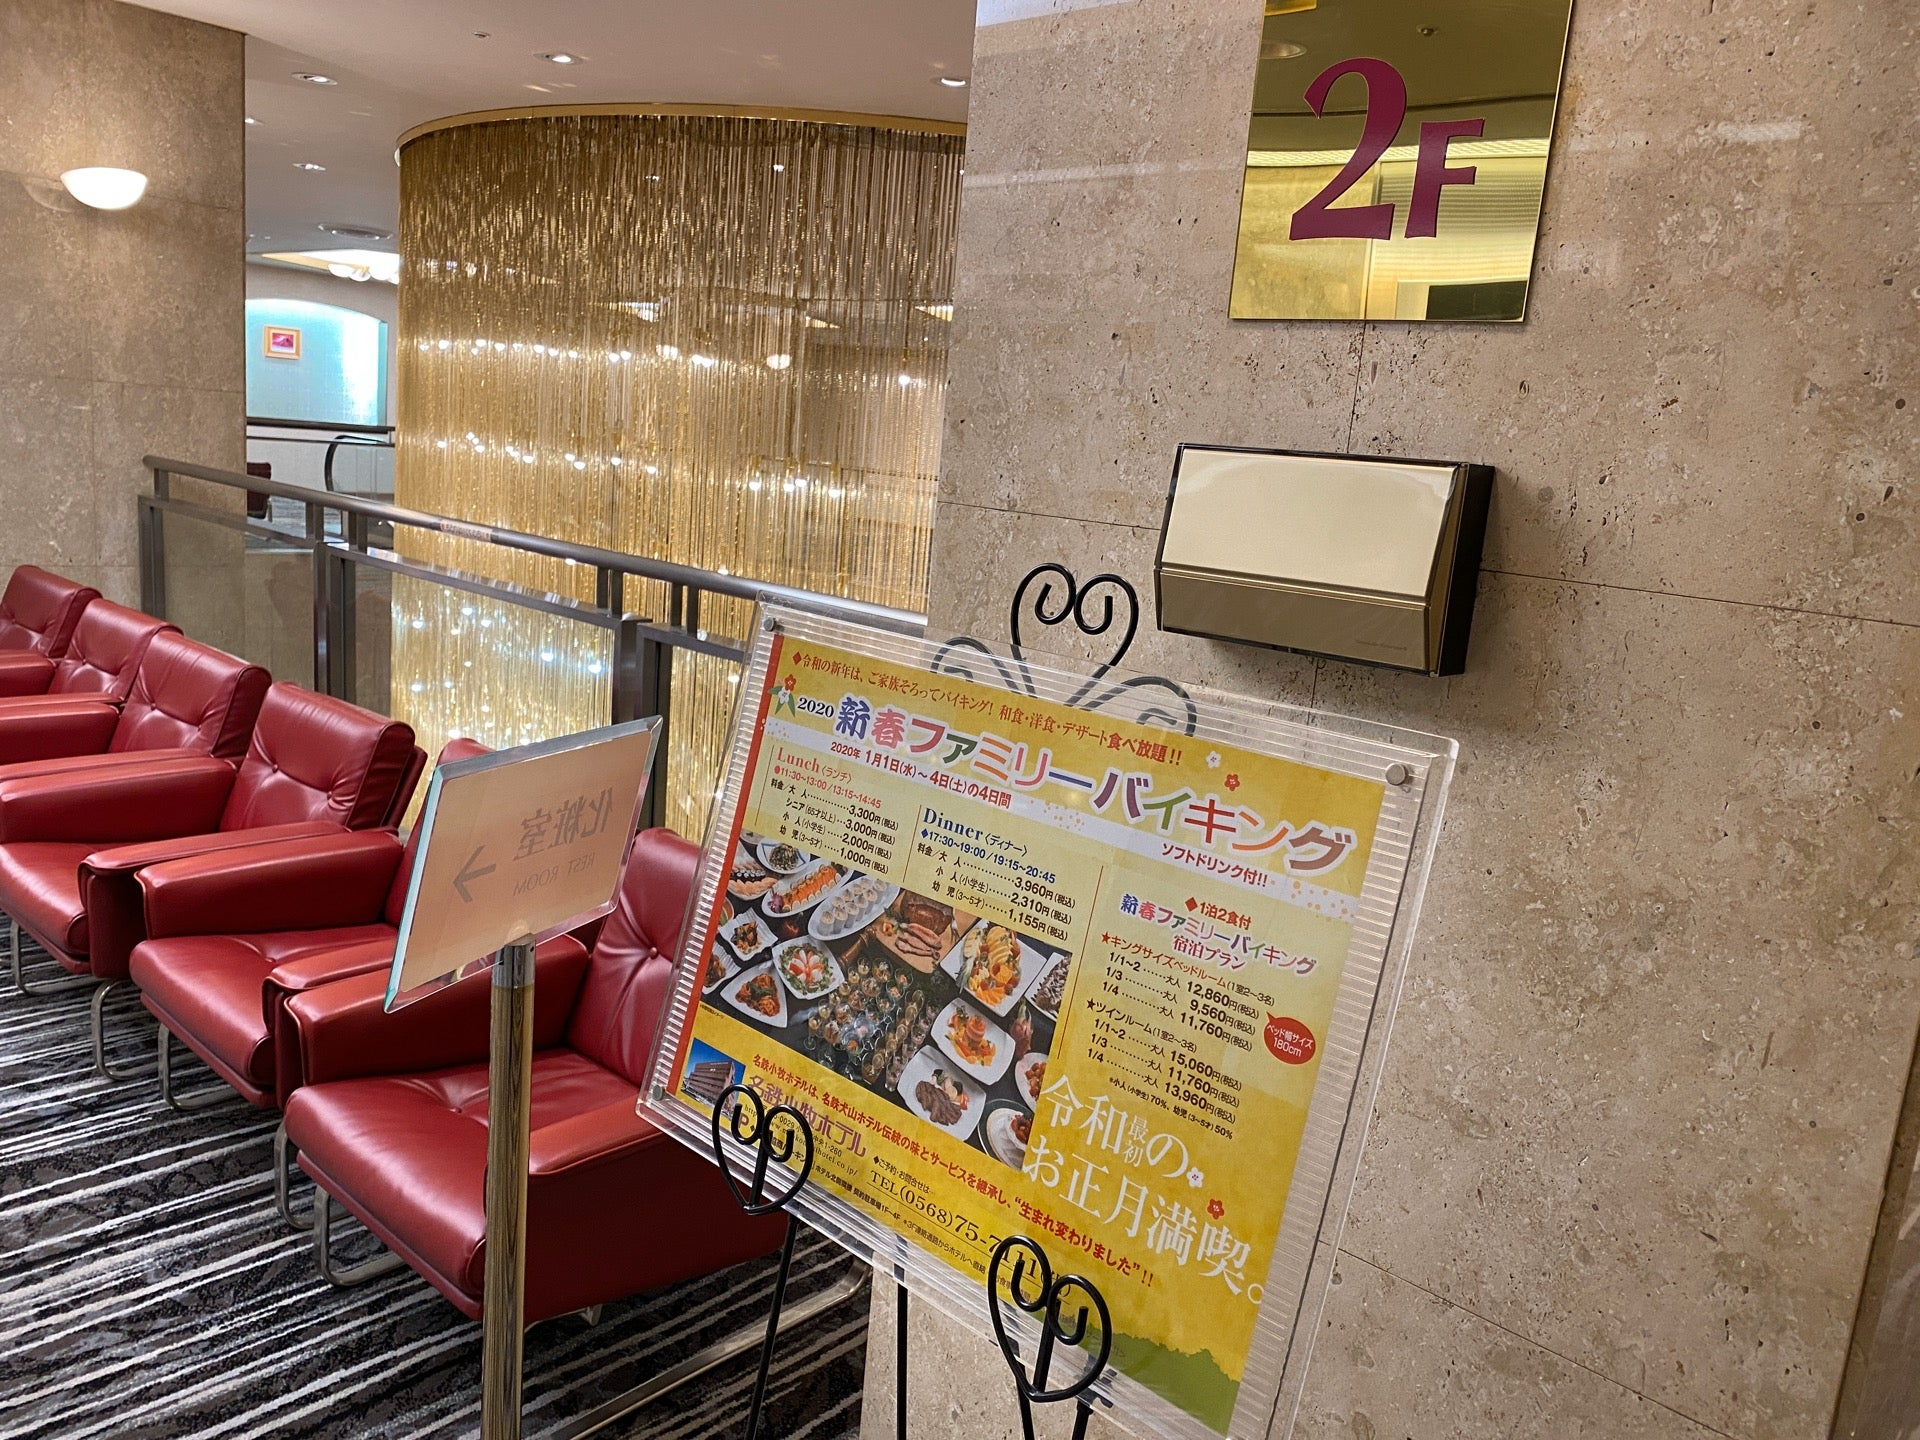 新春ファミリーバイキング (@ 名鉄小牧ホテル in 小牧市, 愛知県) https://t.co/TUO2pVKpXA https://t.co/FpZqHUBNqq